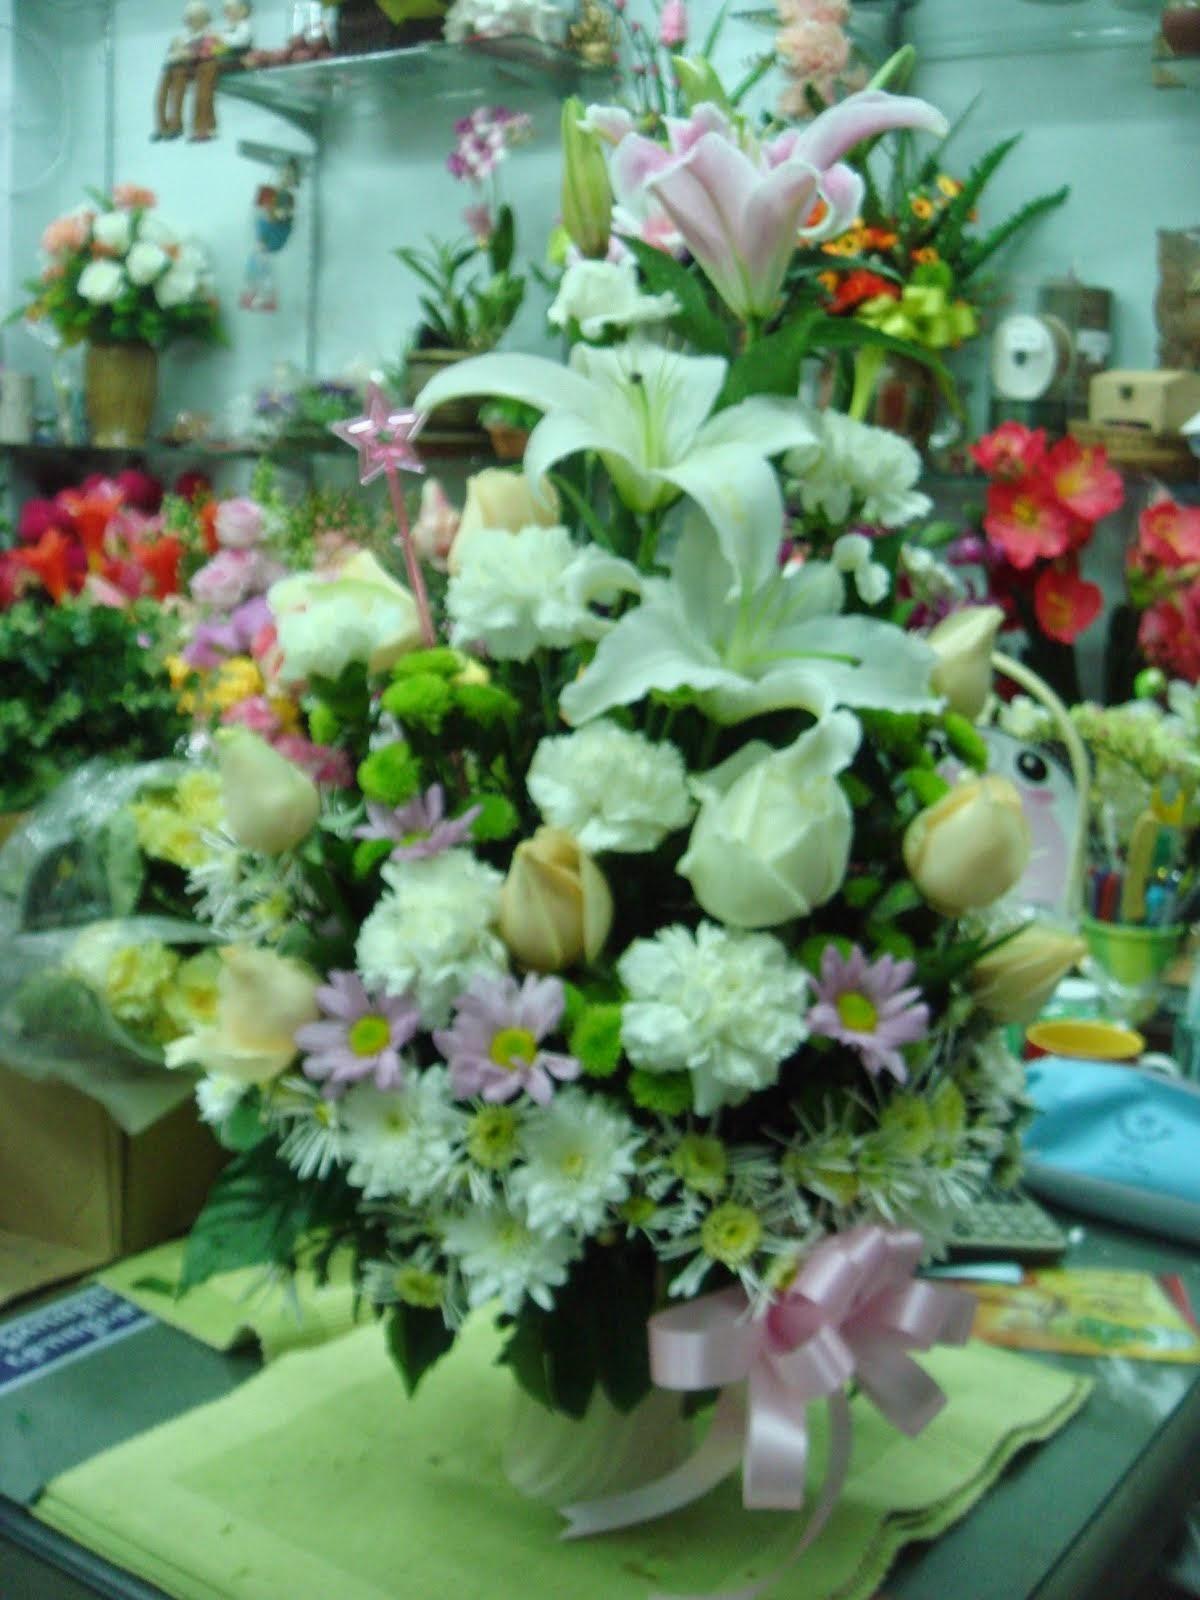 ดอกไม้แทนความคิดถึงและความรักได้